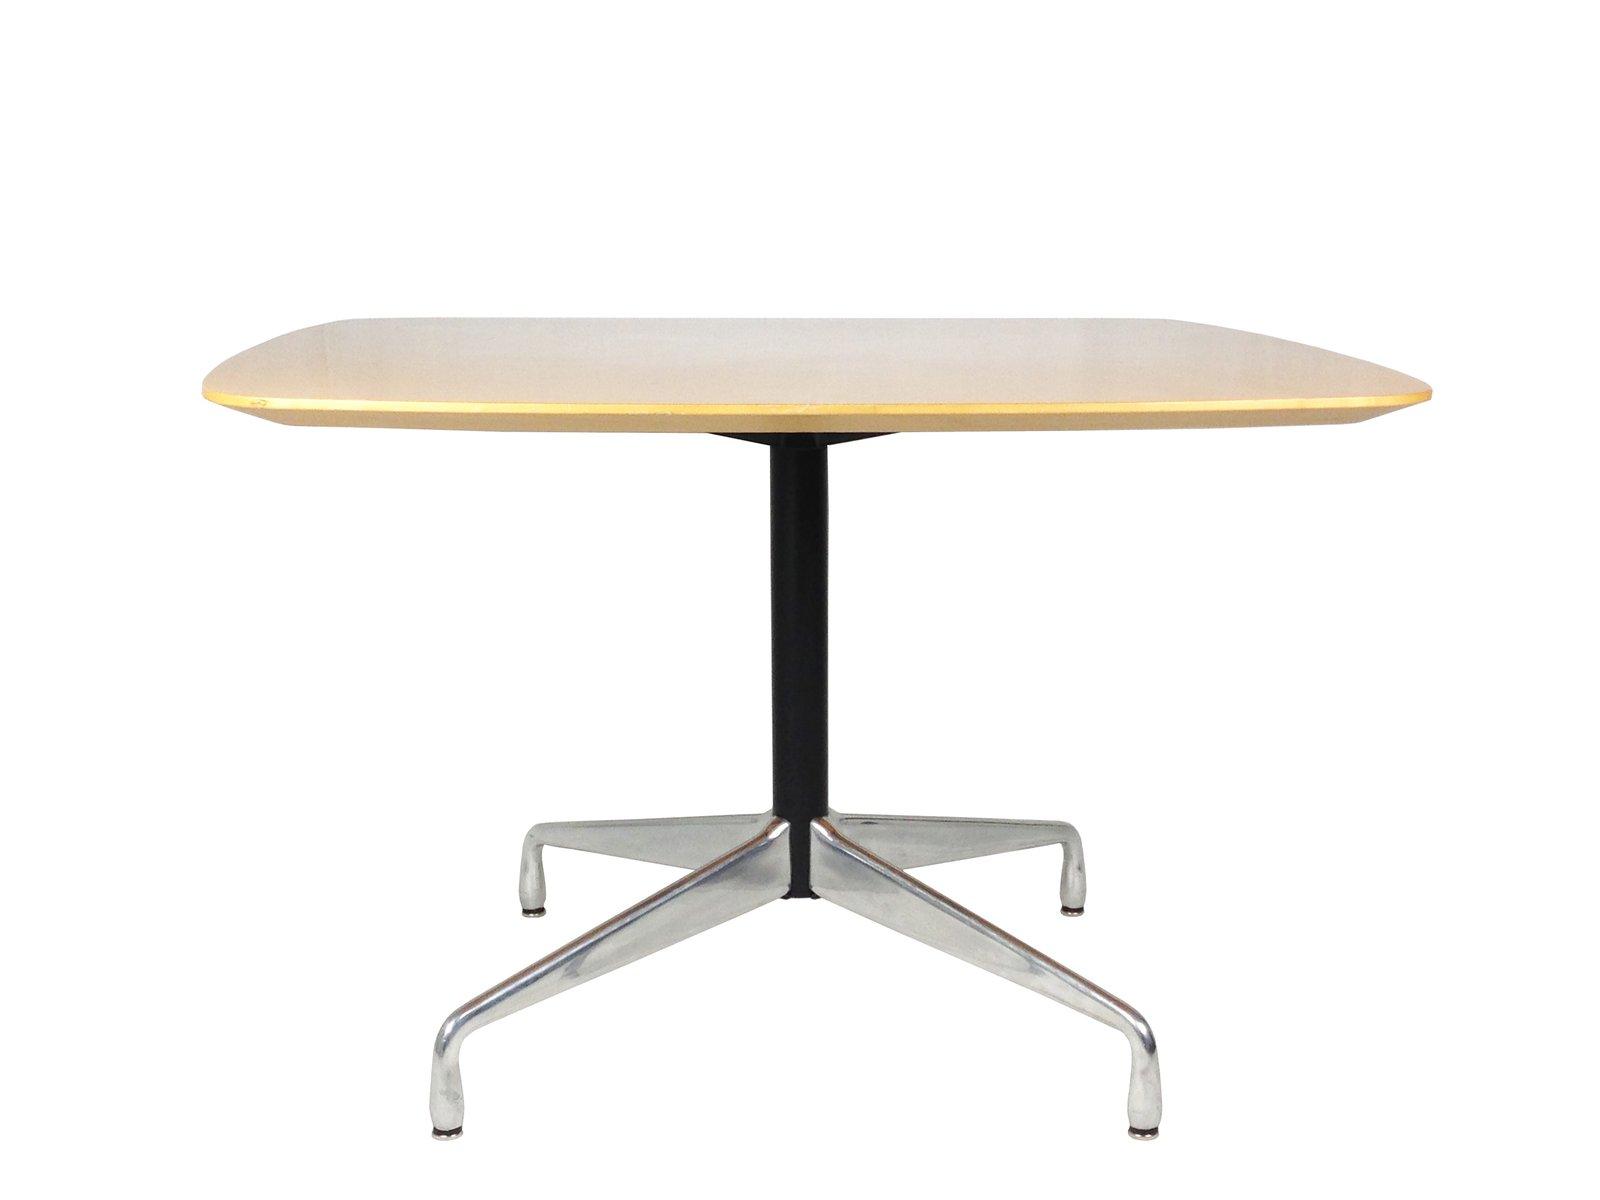 Tavolo Da Pranzo In Alluminio Metallo E Legno Di Charles Ray Eames Per Icf De Padova Anni 90 In Vendita Su Pamono